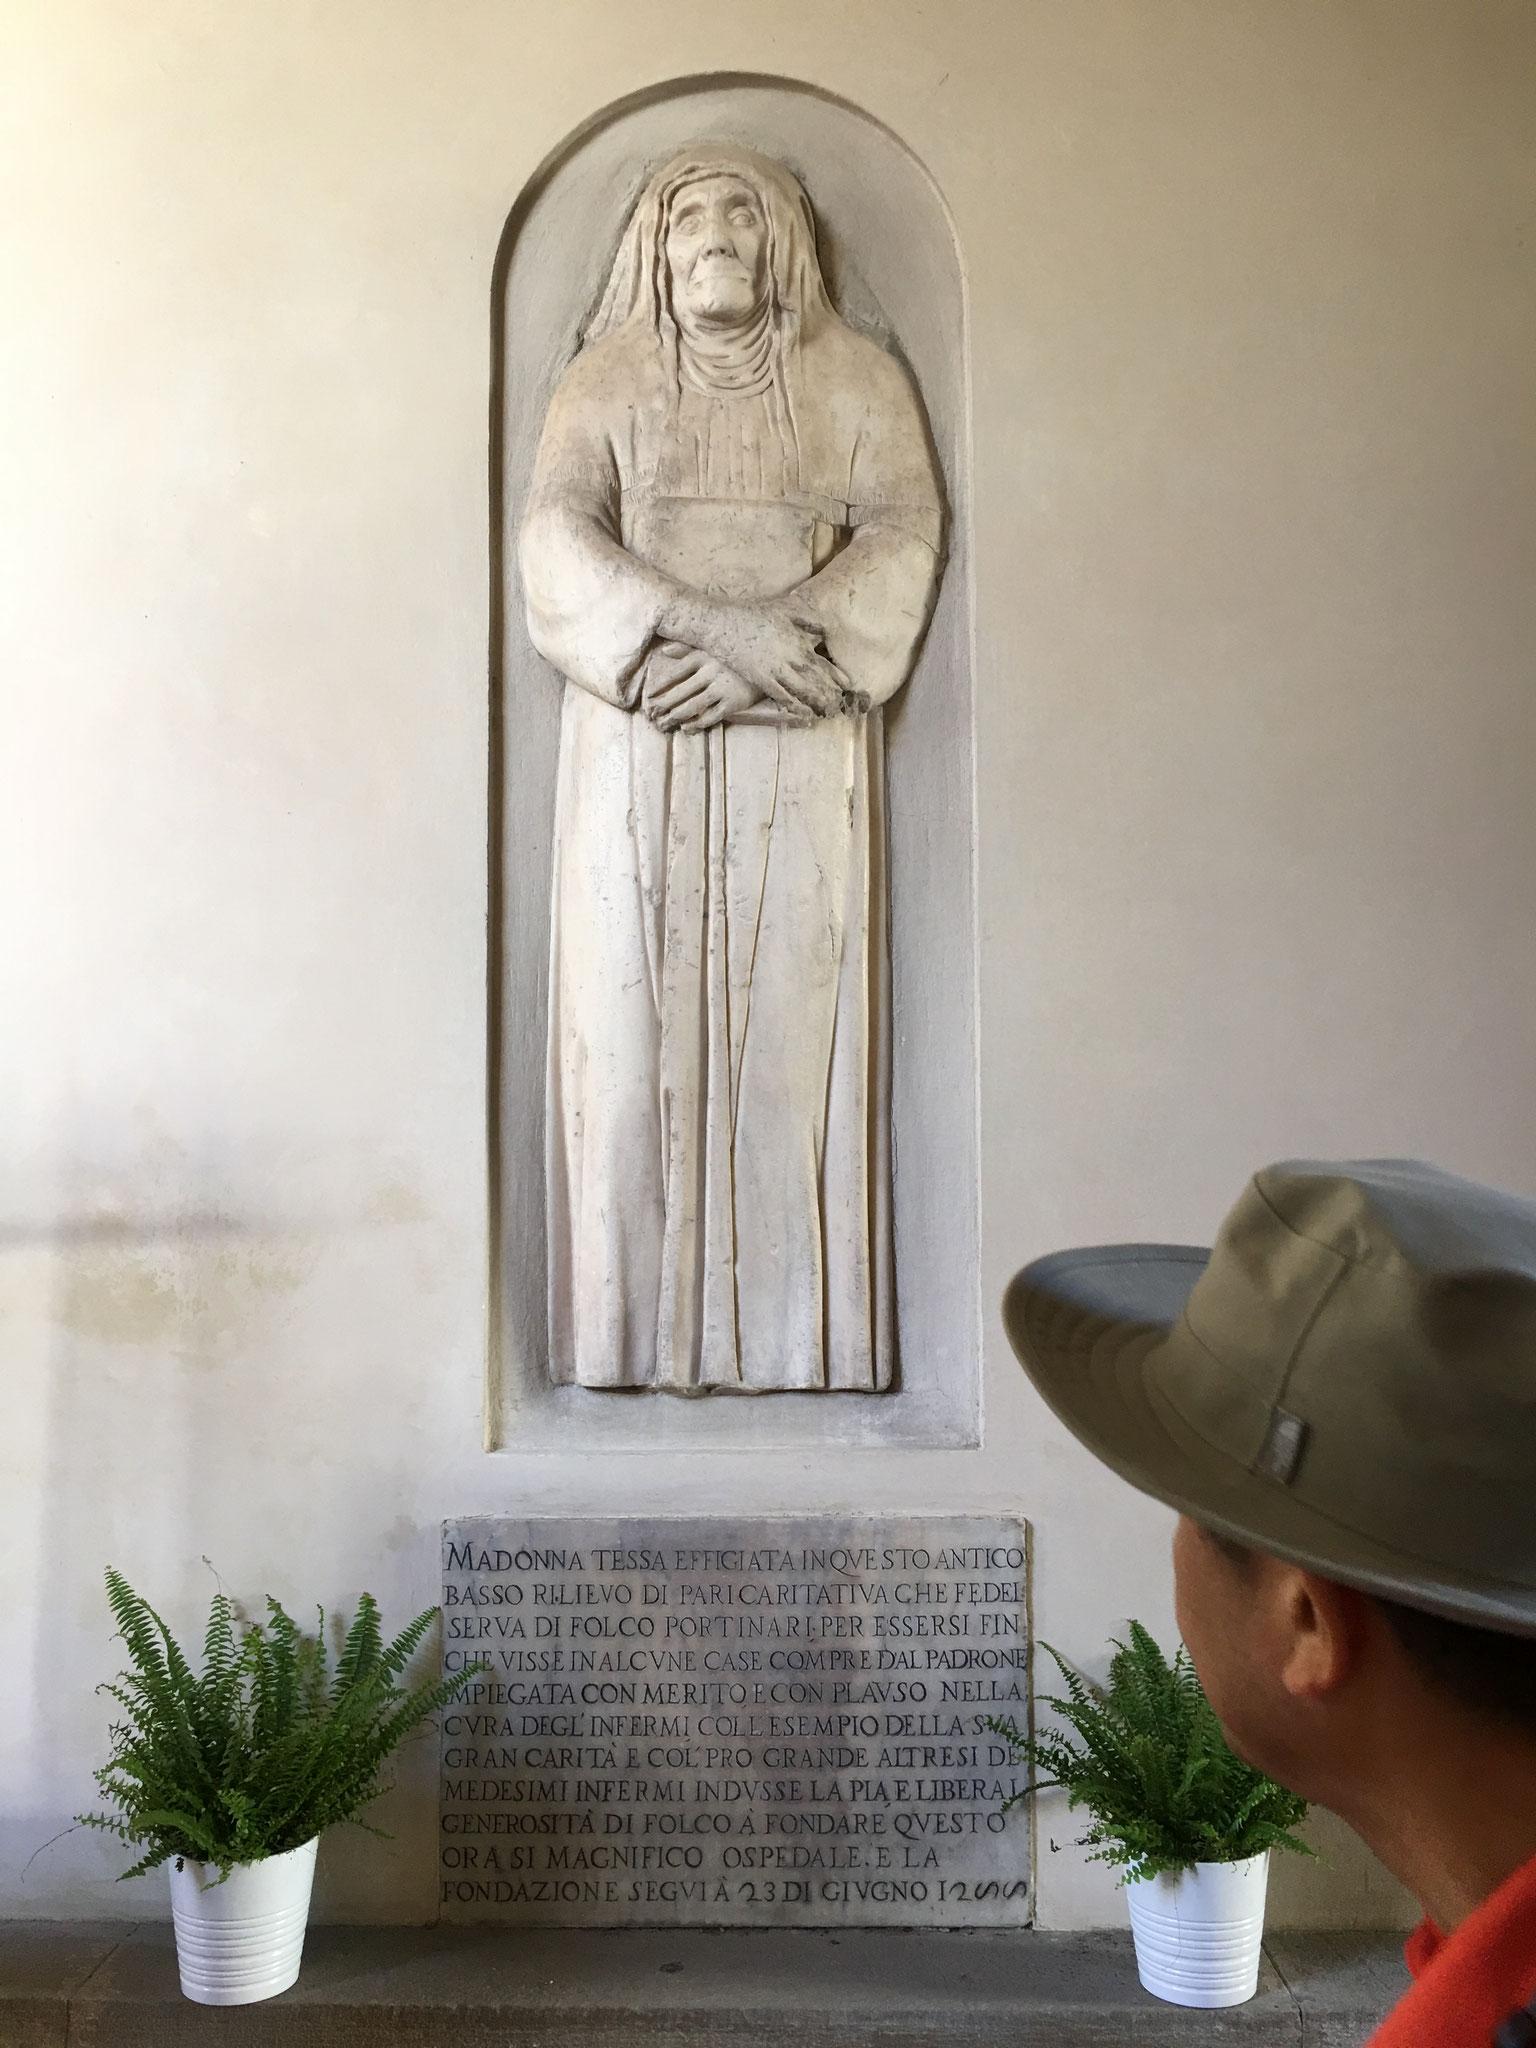 家政婦モンナ・テッサの墓。「神曲」を書いた詩人ダンテが愛した女性ベアトリーチェの父親、フォルコ・ポルティナーリが、家政婦に説得されて、13世紀に病院を創立しました。